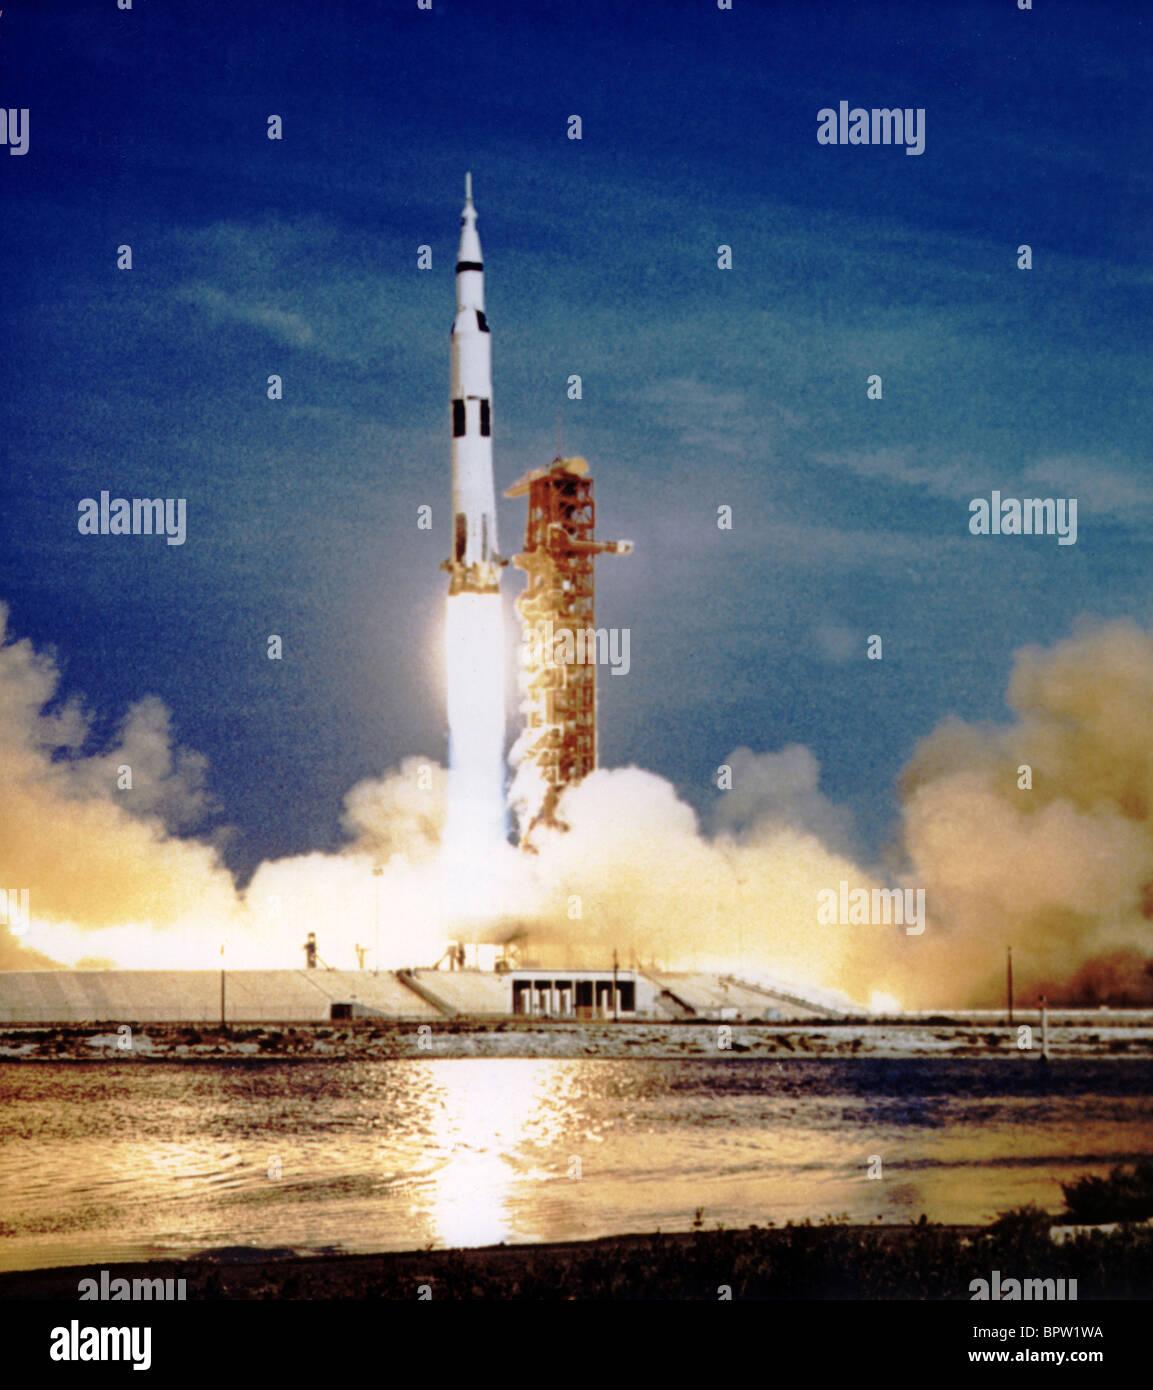 Saturno il lancio del razzo Apollo 11 (1969) Foto Stock